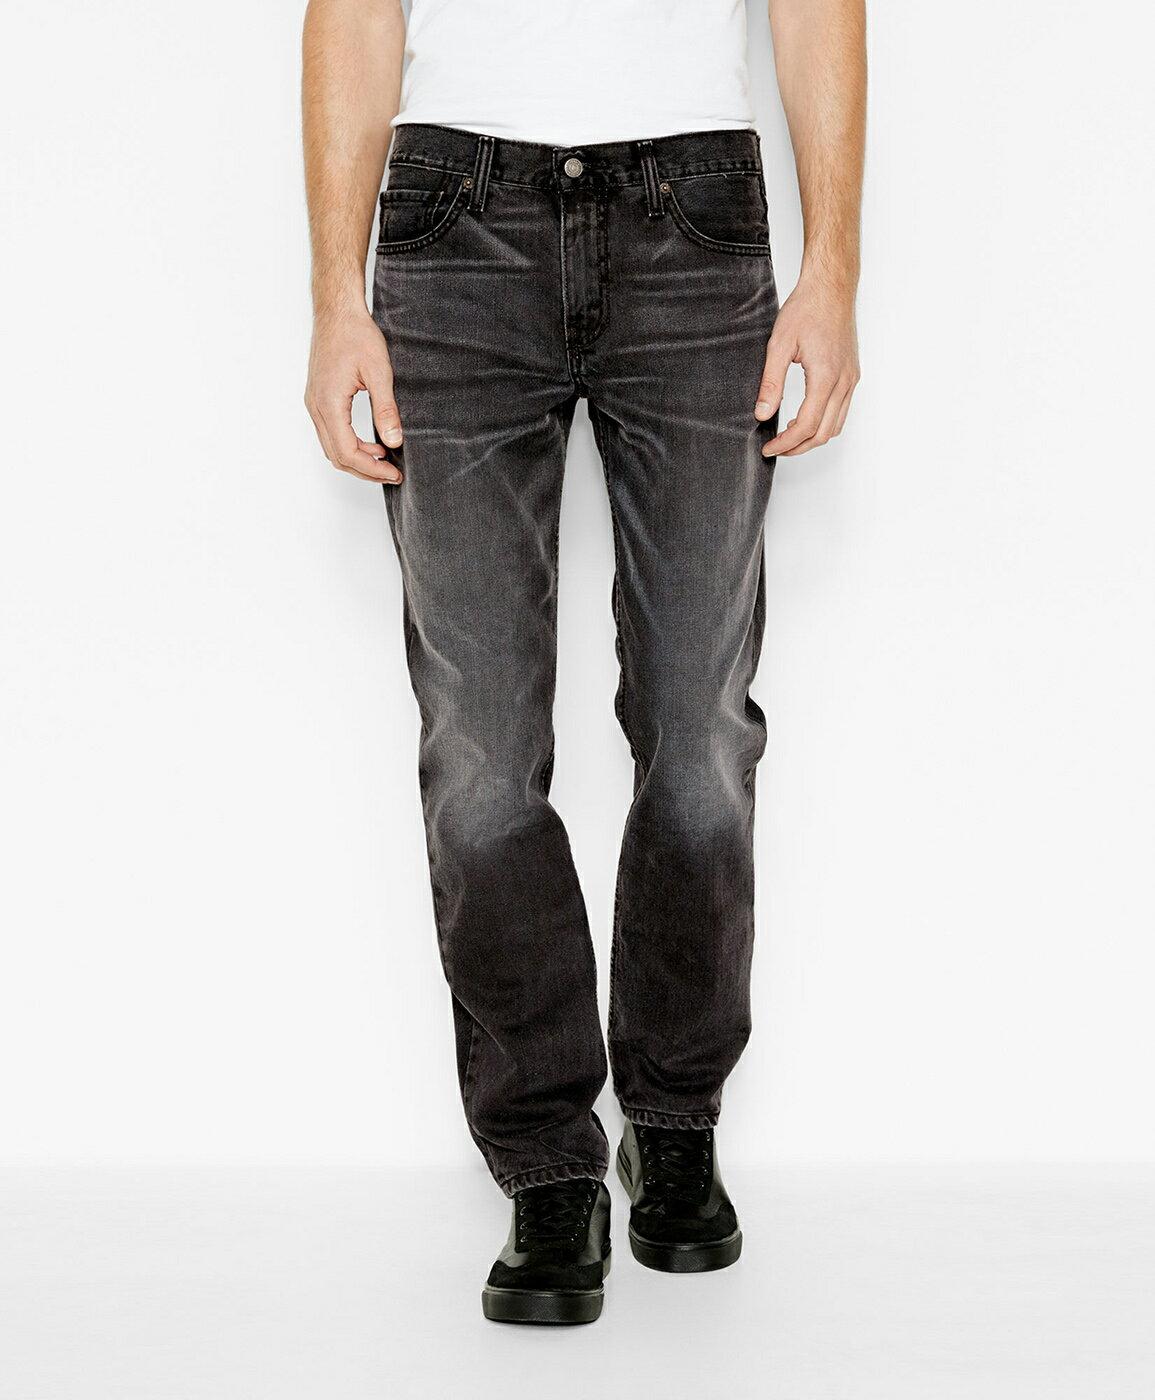 美國百分百【全新真品】Levis 511 Slim Fit 男 牛仔褲 直筒褲 合身 單寧 黑灰 刷白 29 34腰 E264